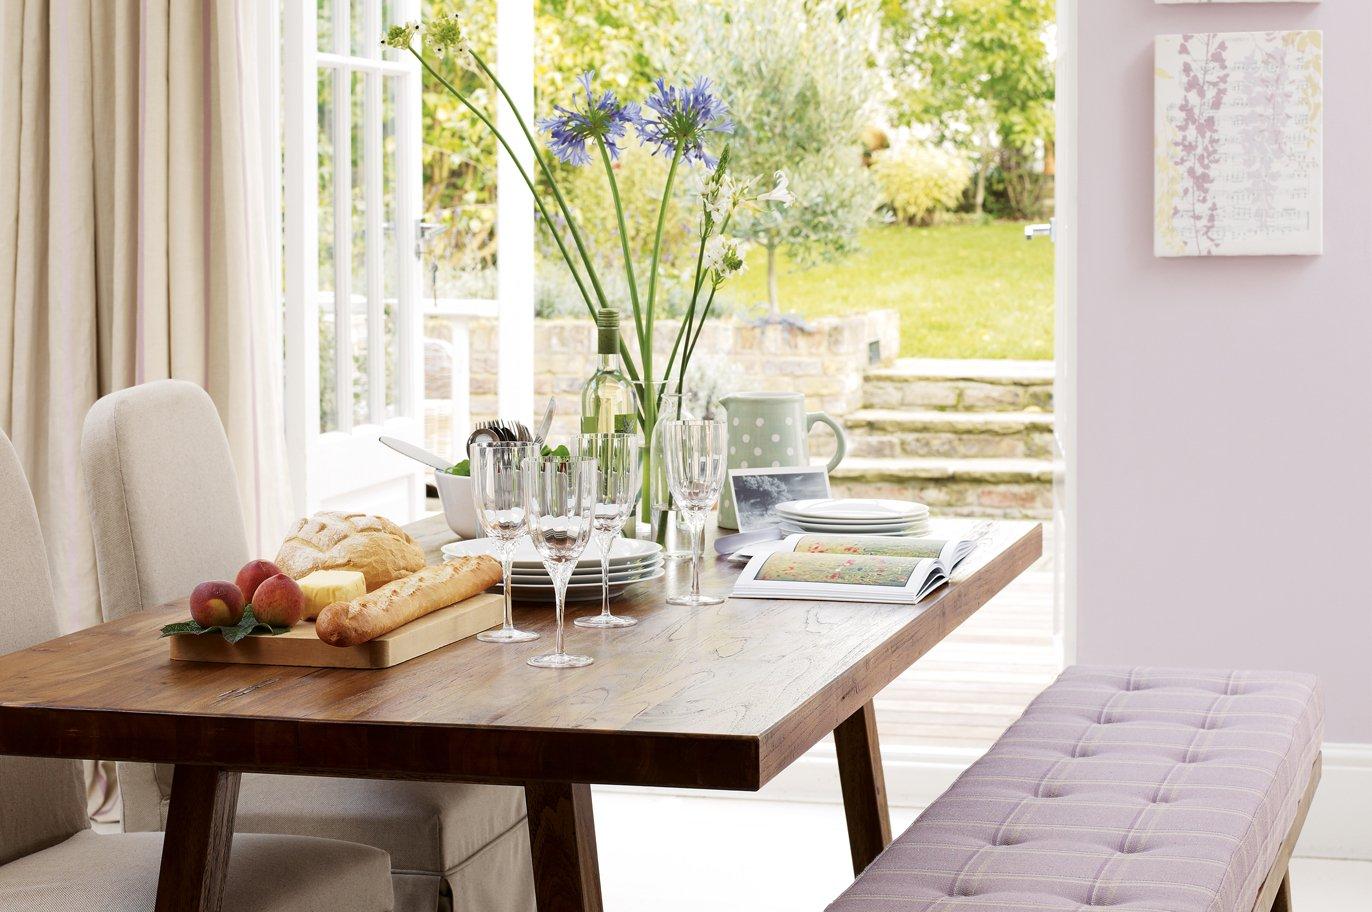 Muebles para una cocina de estilo ingl s decoraci n del - Estilo ingles decoracion interiores ...